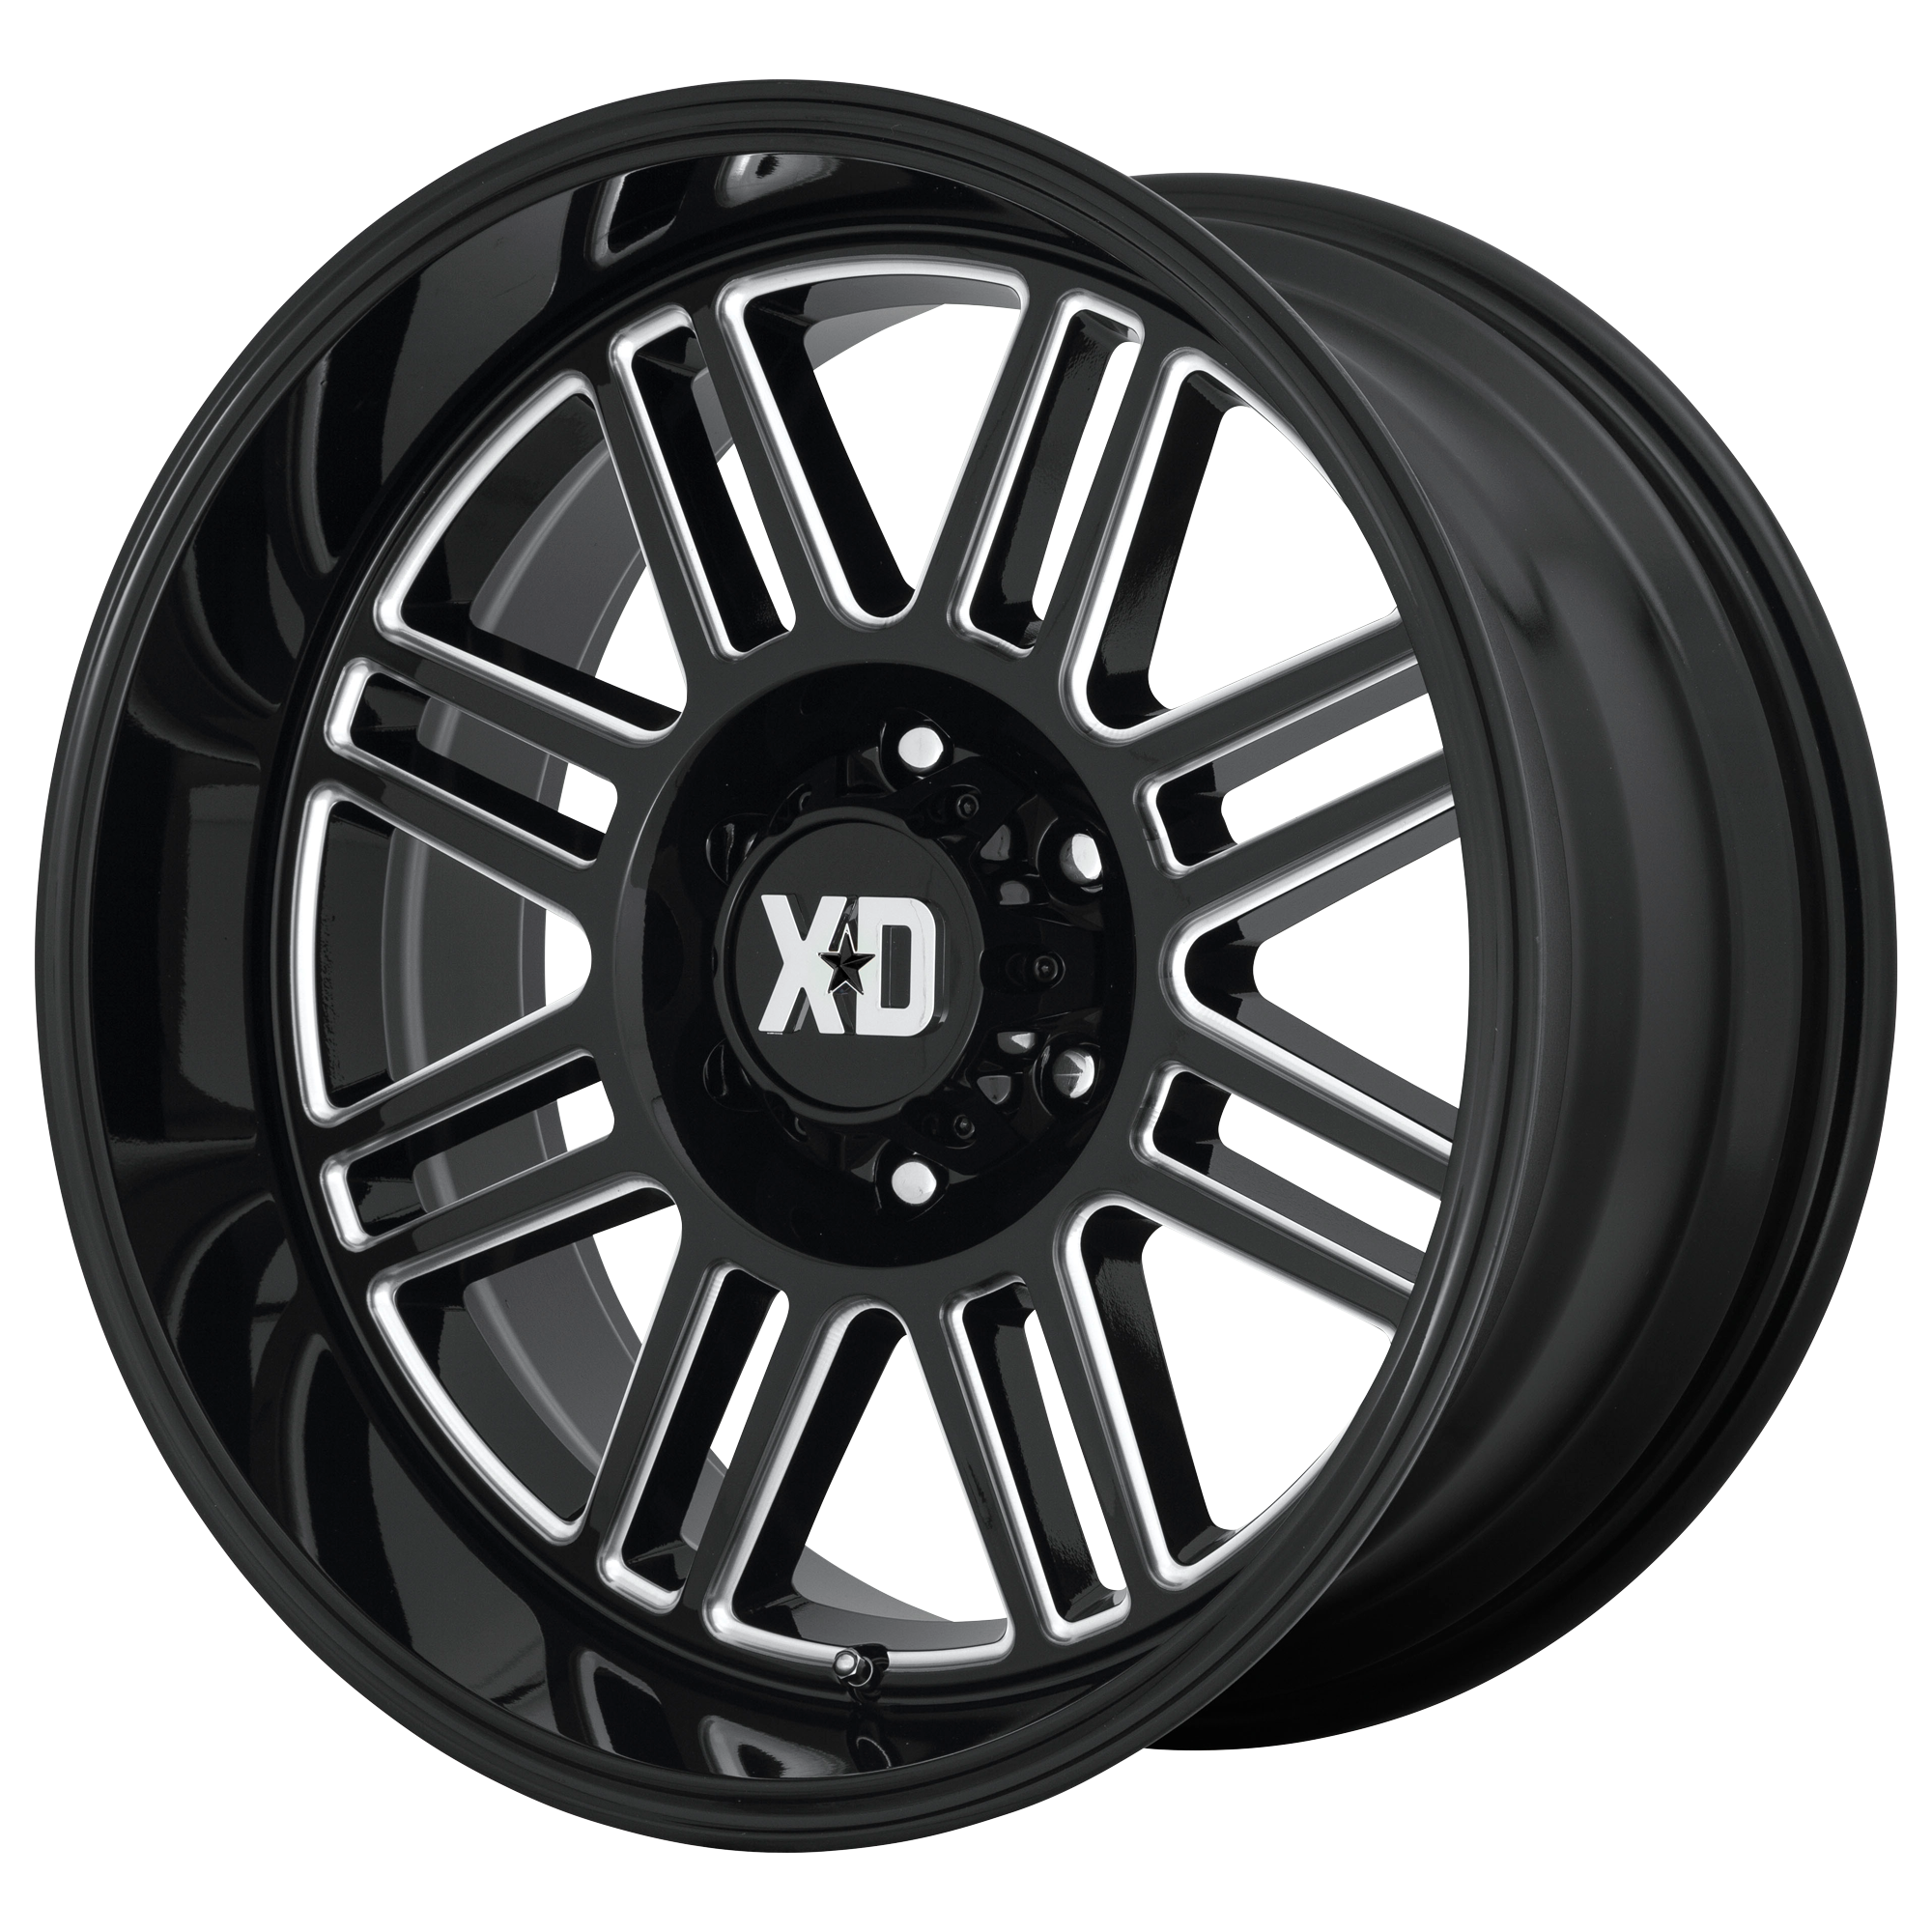 XD SERIES XD850 CAGE hliníkové disky 10x20 6x135 ET-18 Gloss Black Milled